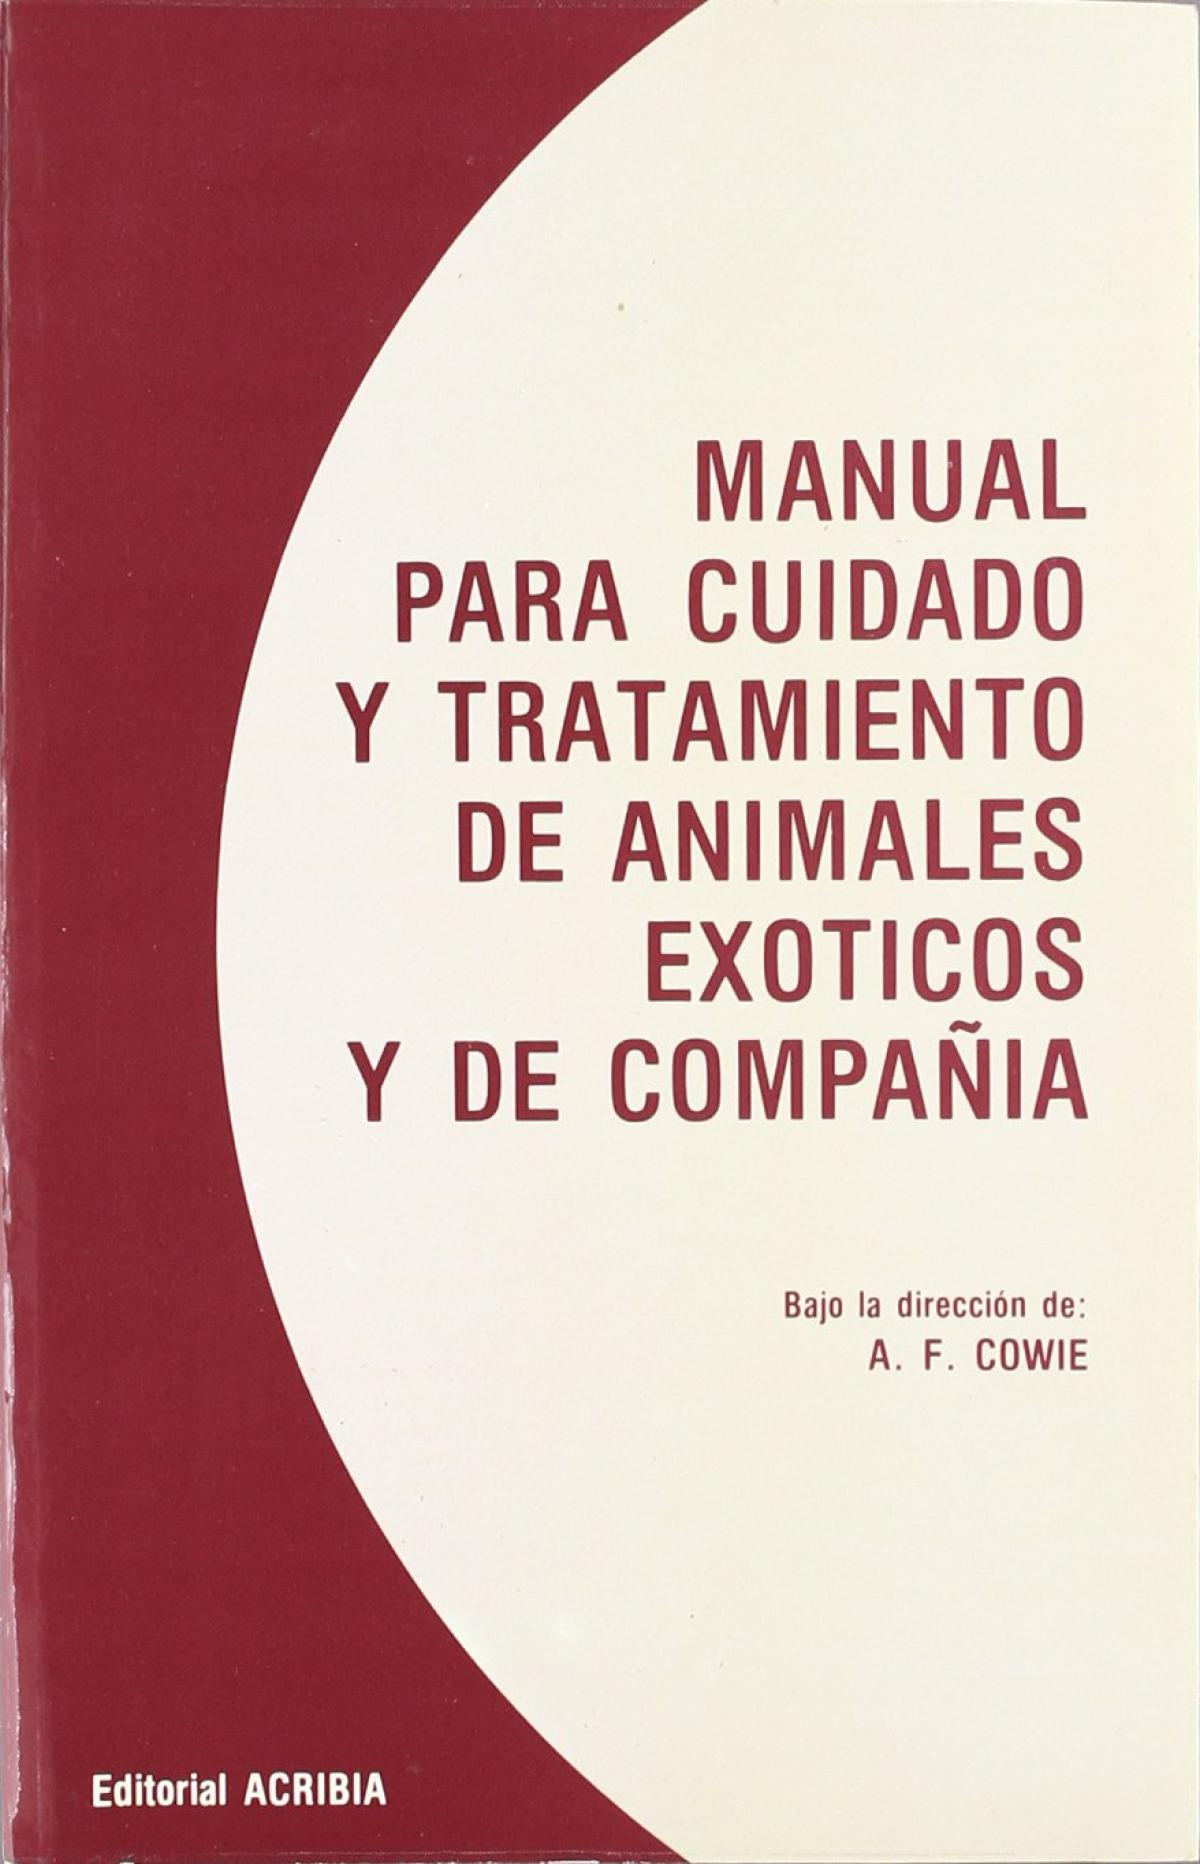 MANUAL PARA CUIDADO/TRATAMIENTO DE ANIMALES EXÓTICOS/DE COMPAÑÍA